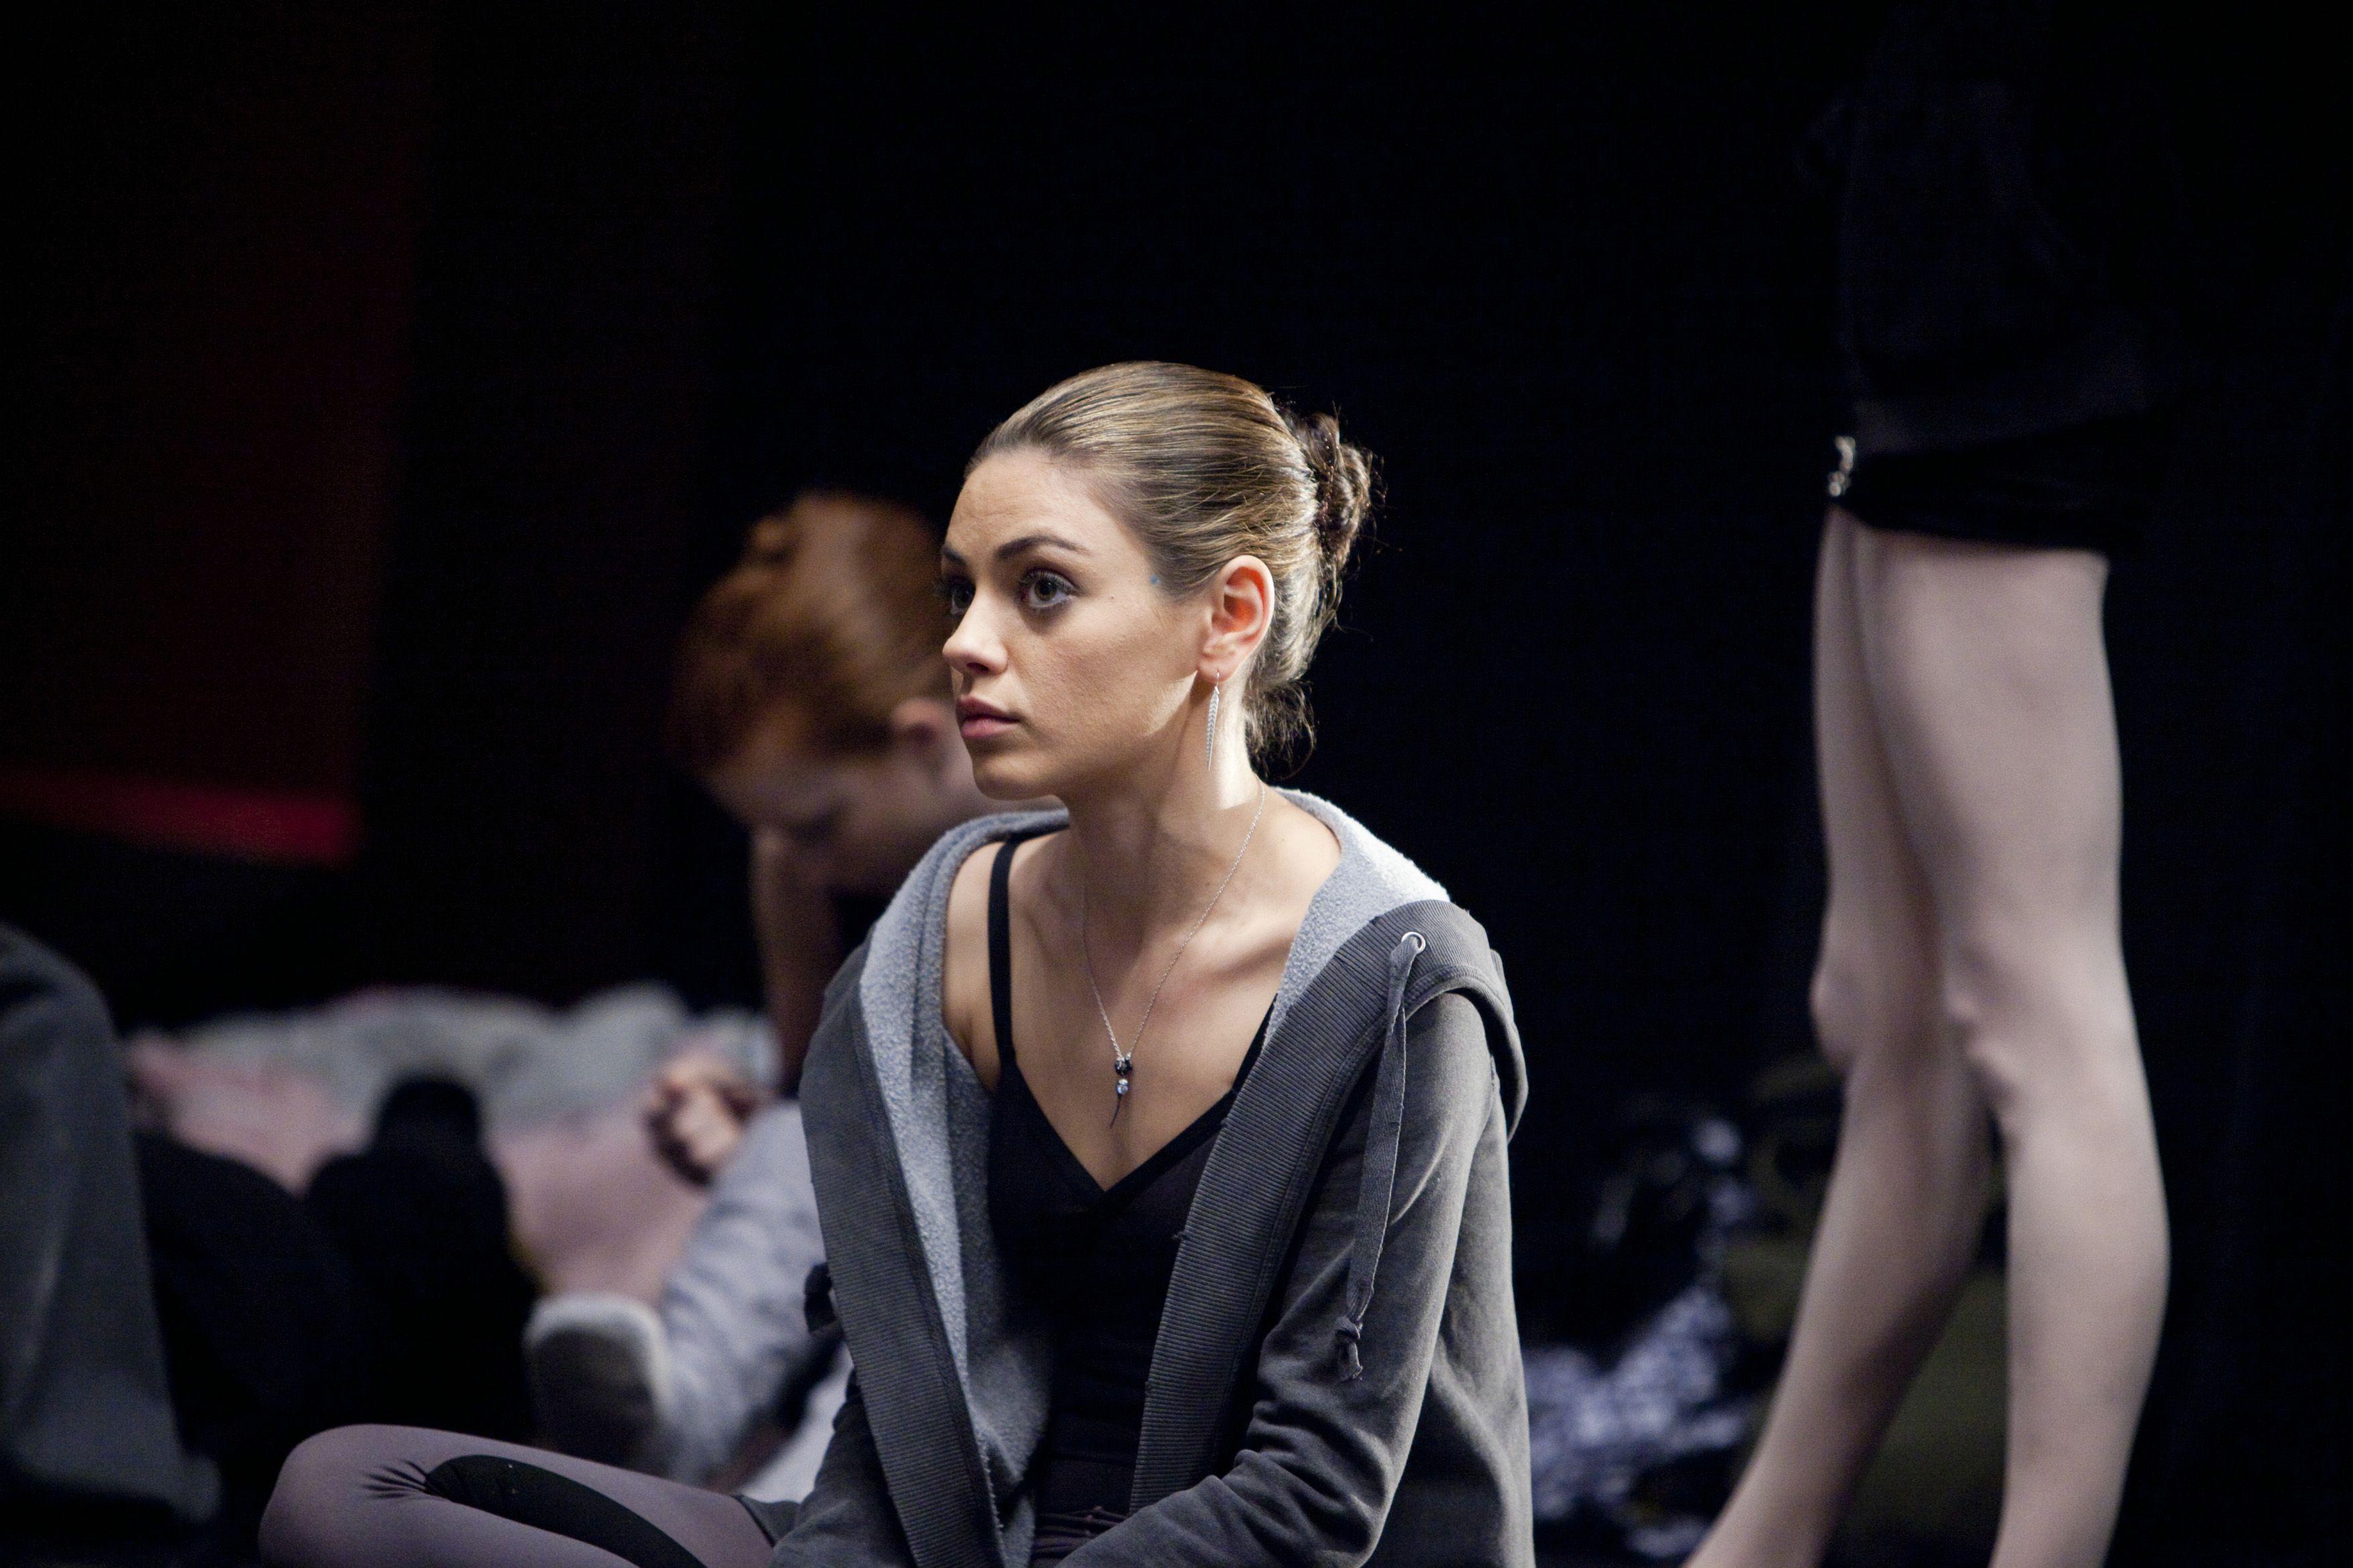 Mila Kunis - Black Swan (2010) (3508×2338)